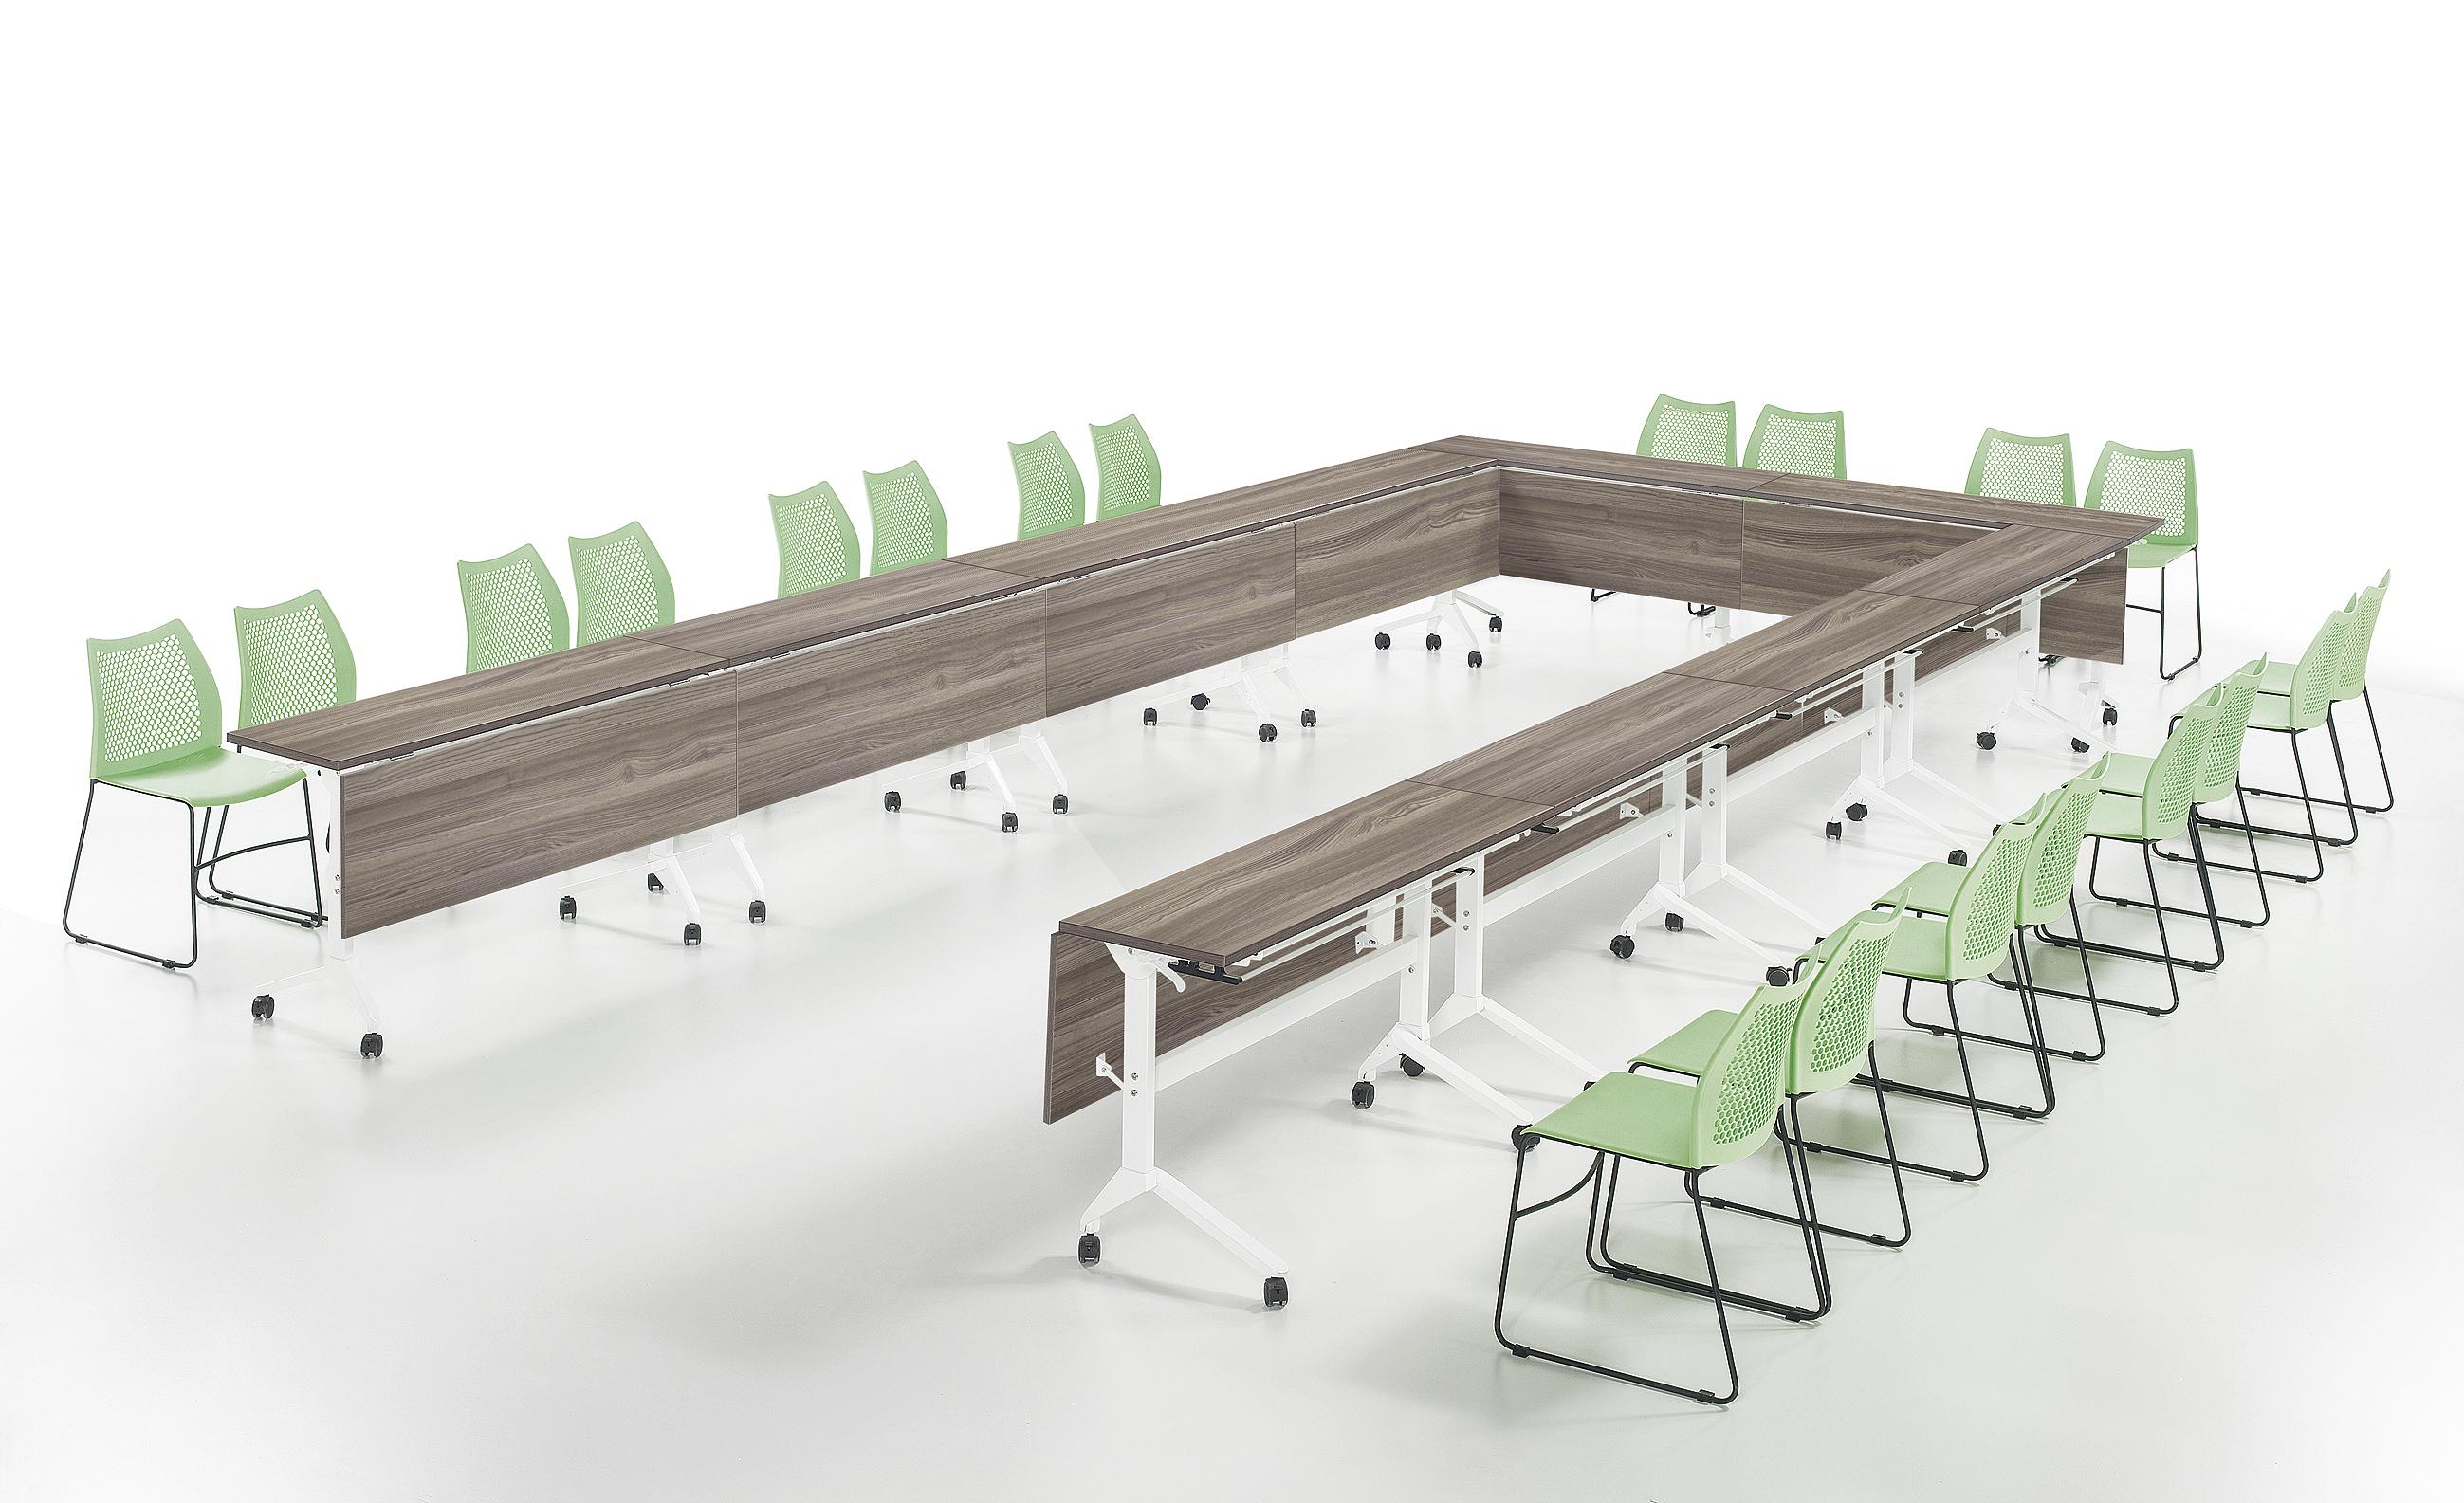 重庆厂家定制定做批发价格出售前台接待洽谈桌 屏风办公桌